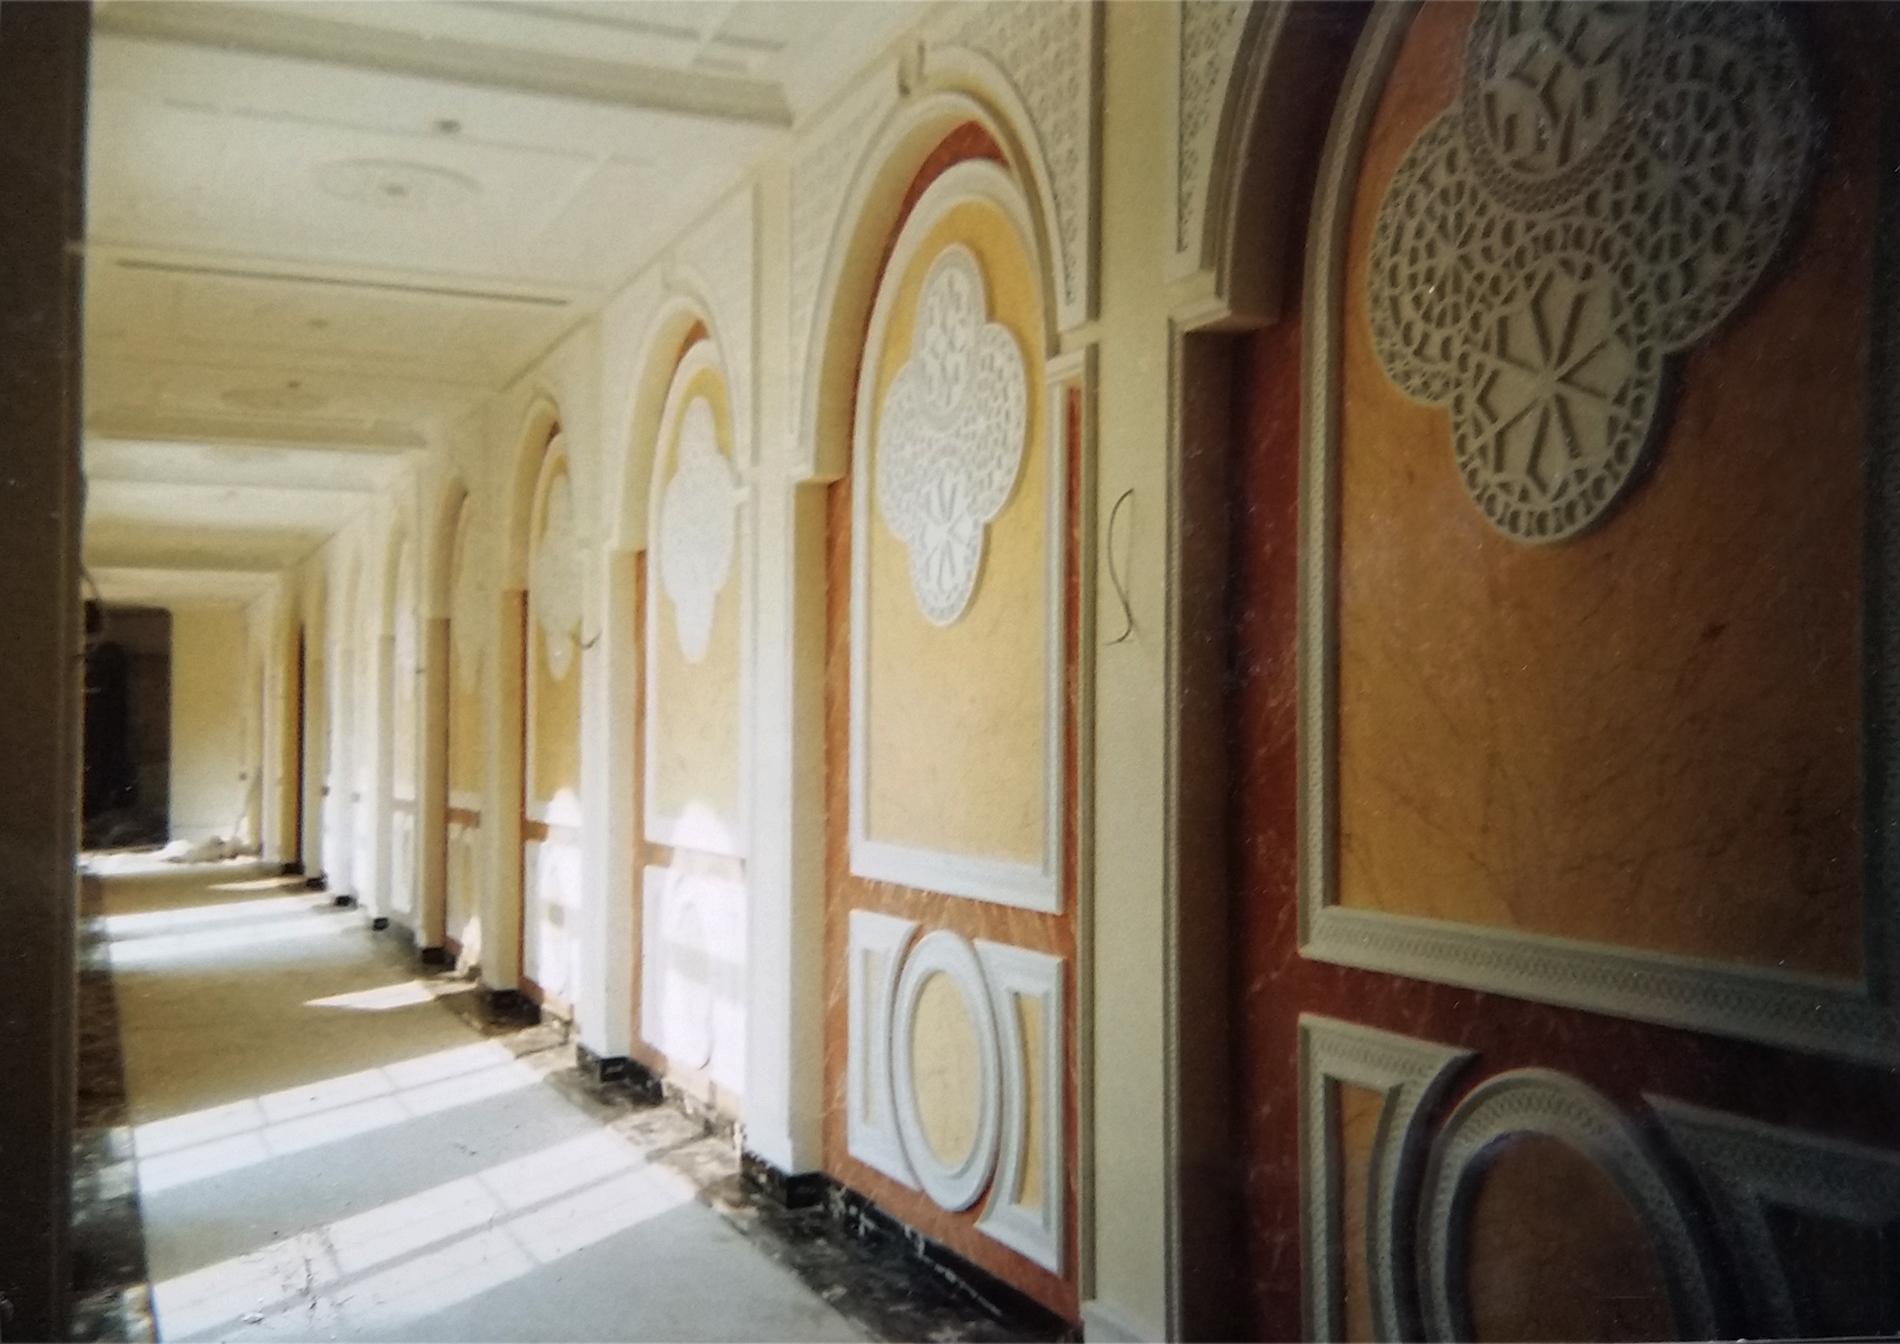 Club dei Diplomatici Doha Qatar Finti marmi.Tecnica mista. Colorazione su muro ad acrilico. Mq 1000